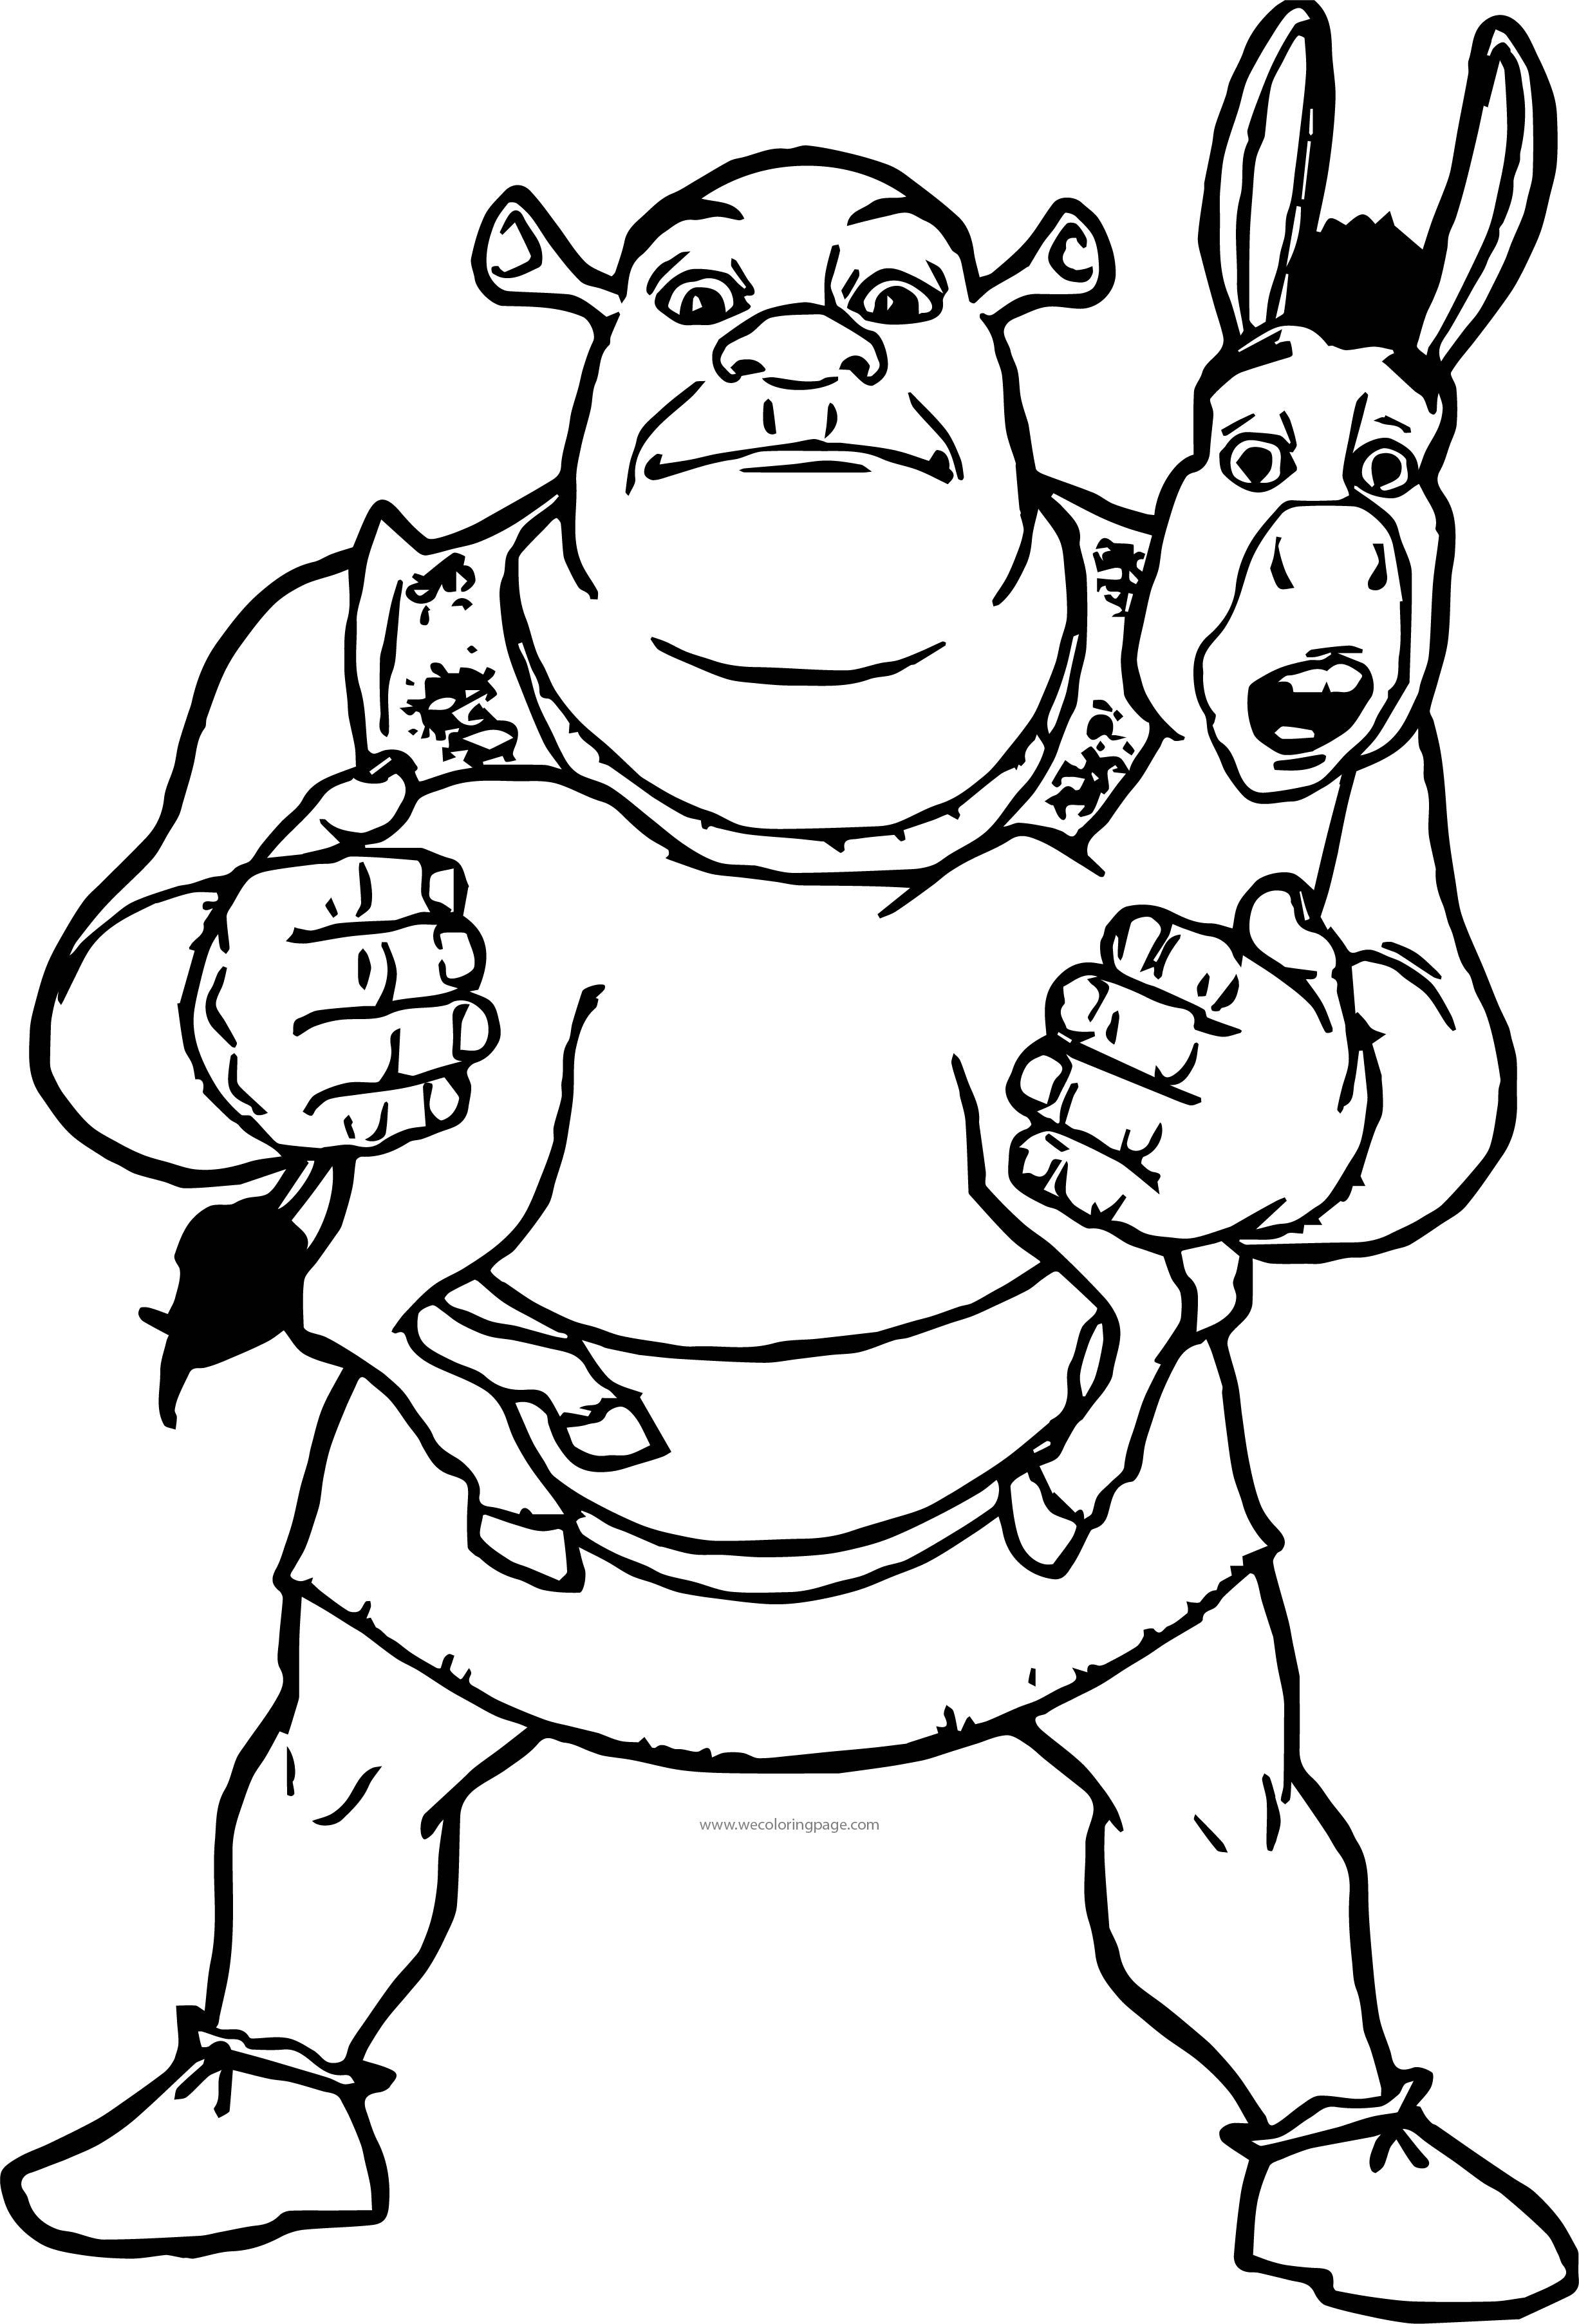 Shrek Holding Donkey Coloring Page